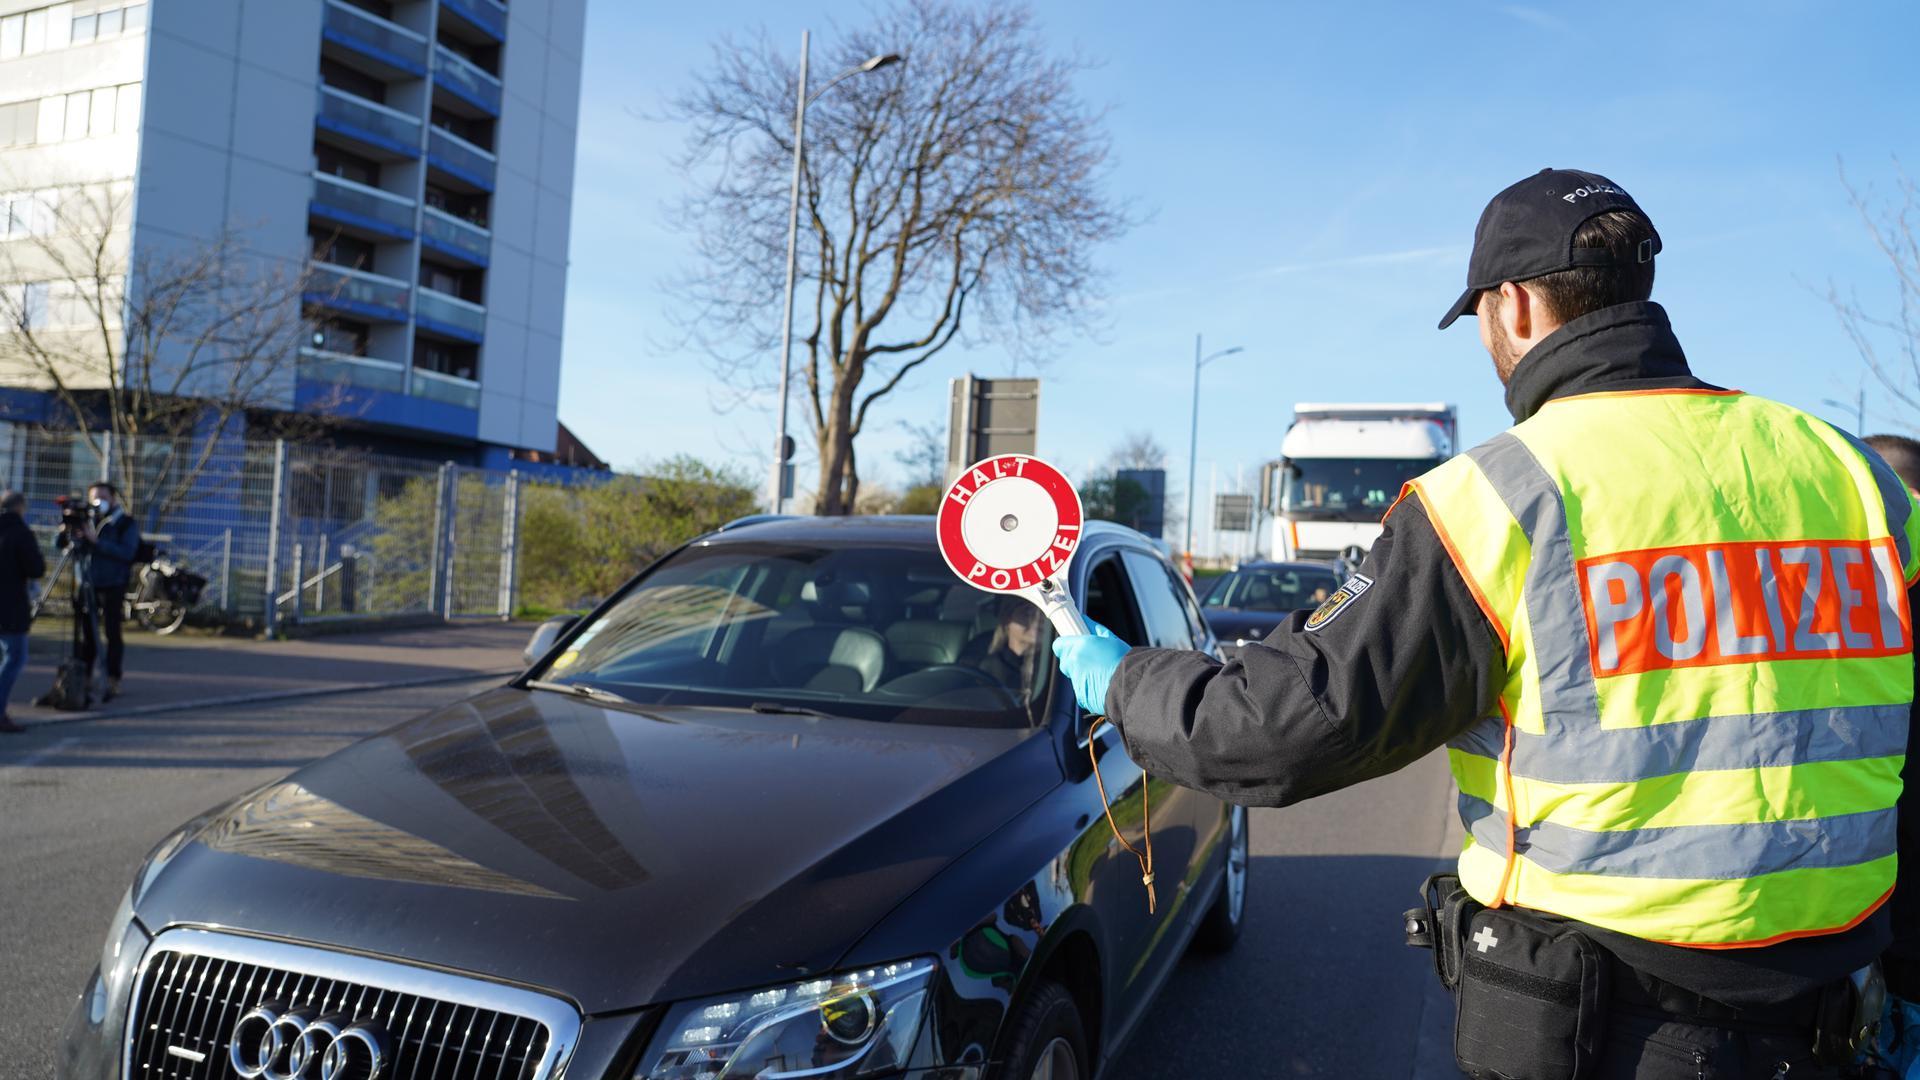 Coronavirus: Deutschland schließt Grenze zu Frankreich. Einsatzkräfte der Bundespolizei kontrollieren den Grenzübergang Kehl/Straßburg.